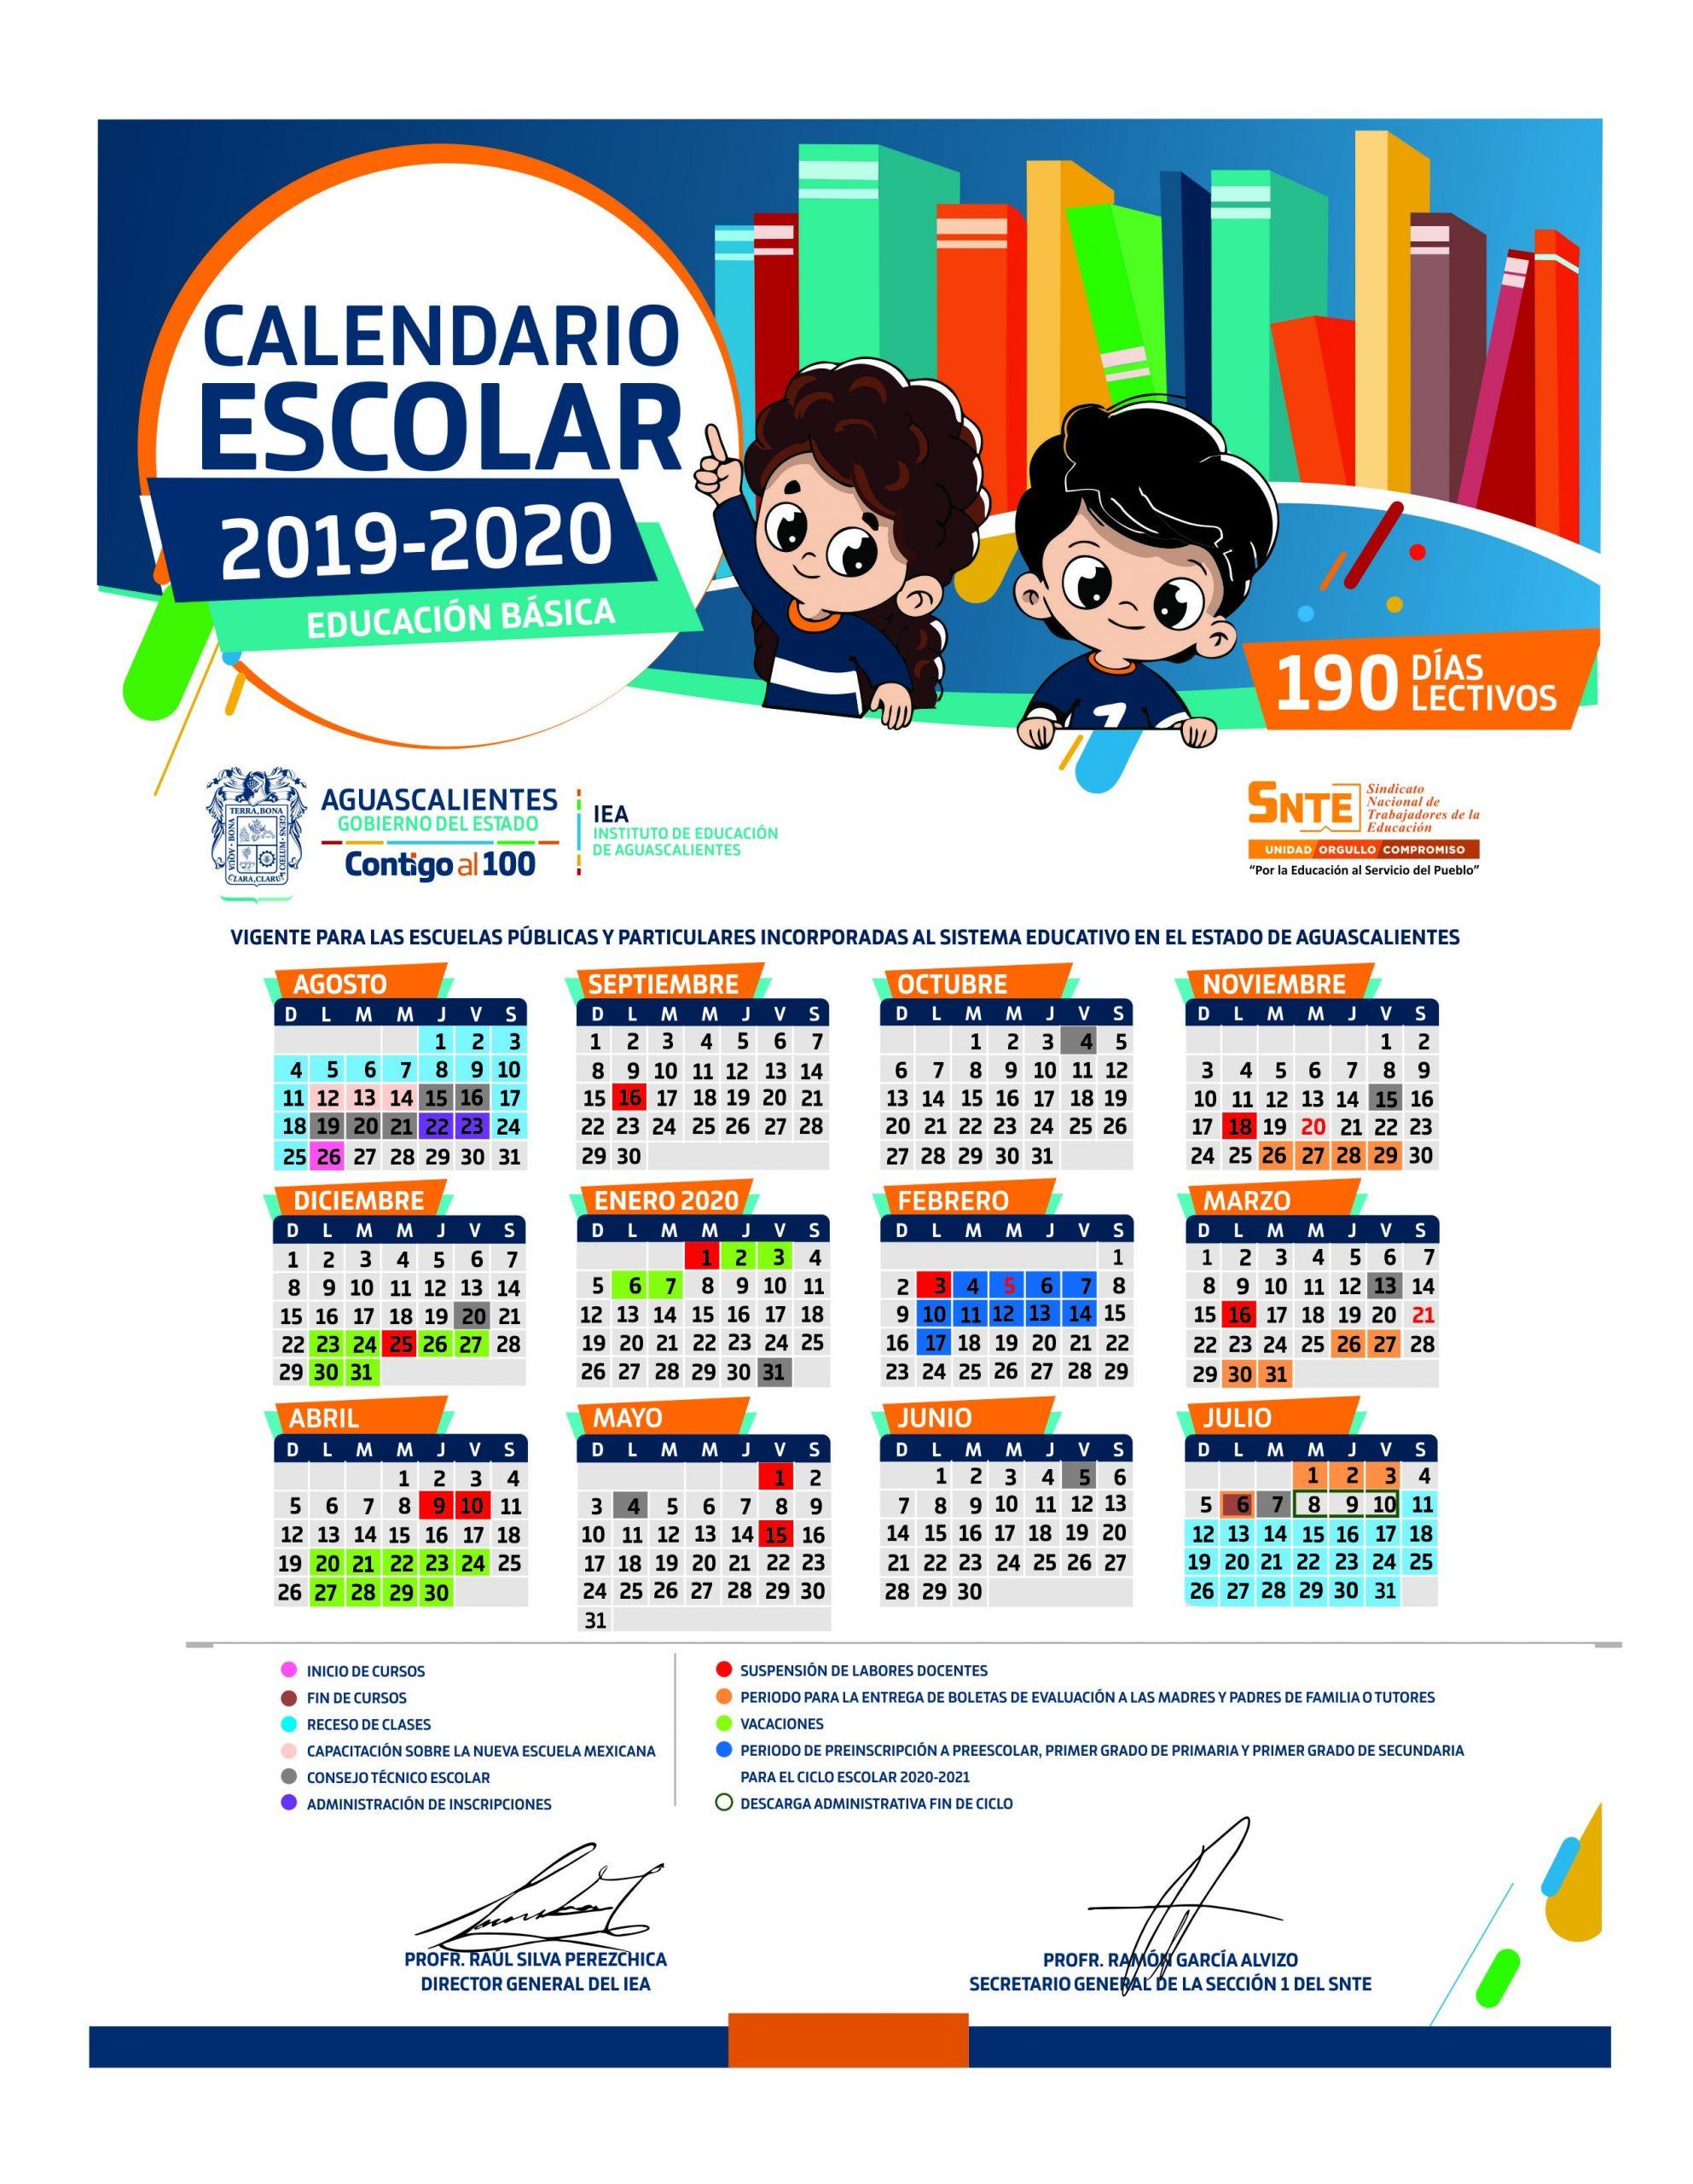 Calendario Febrero 2020 Para Imprimir Gratis Más Actual Gymvirtual Calendario Abril 2020 Of Calendario Febrero 2020 Para Imprimir Gratis Recientes Calendário Abril 2019 Imprimir